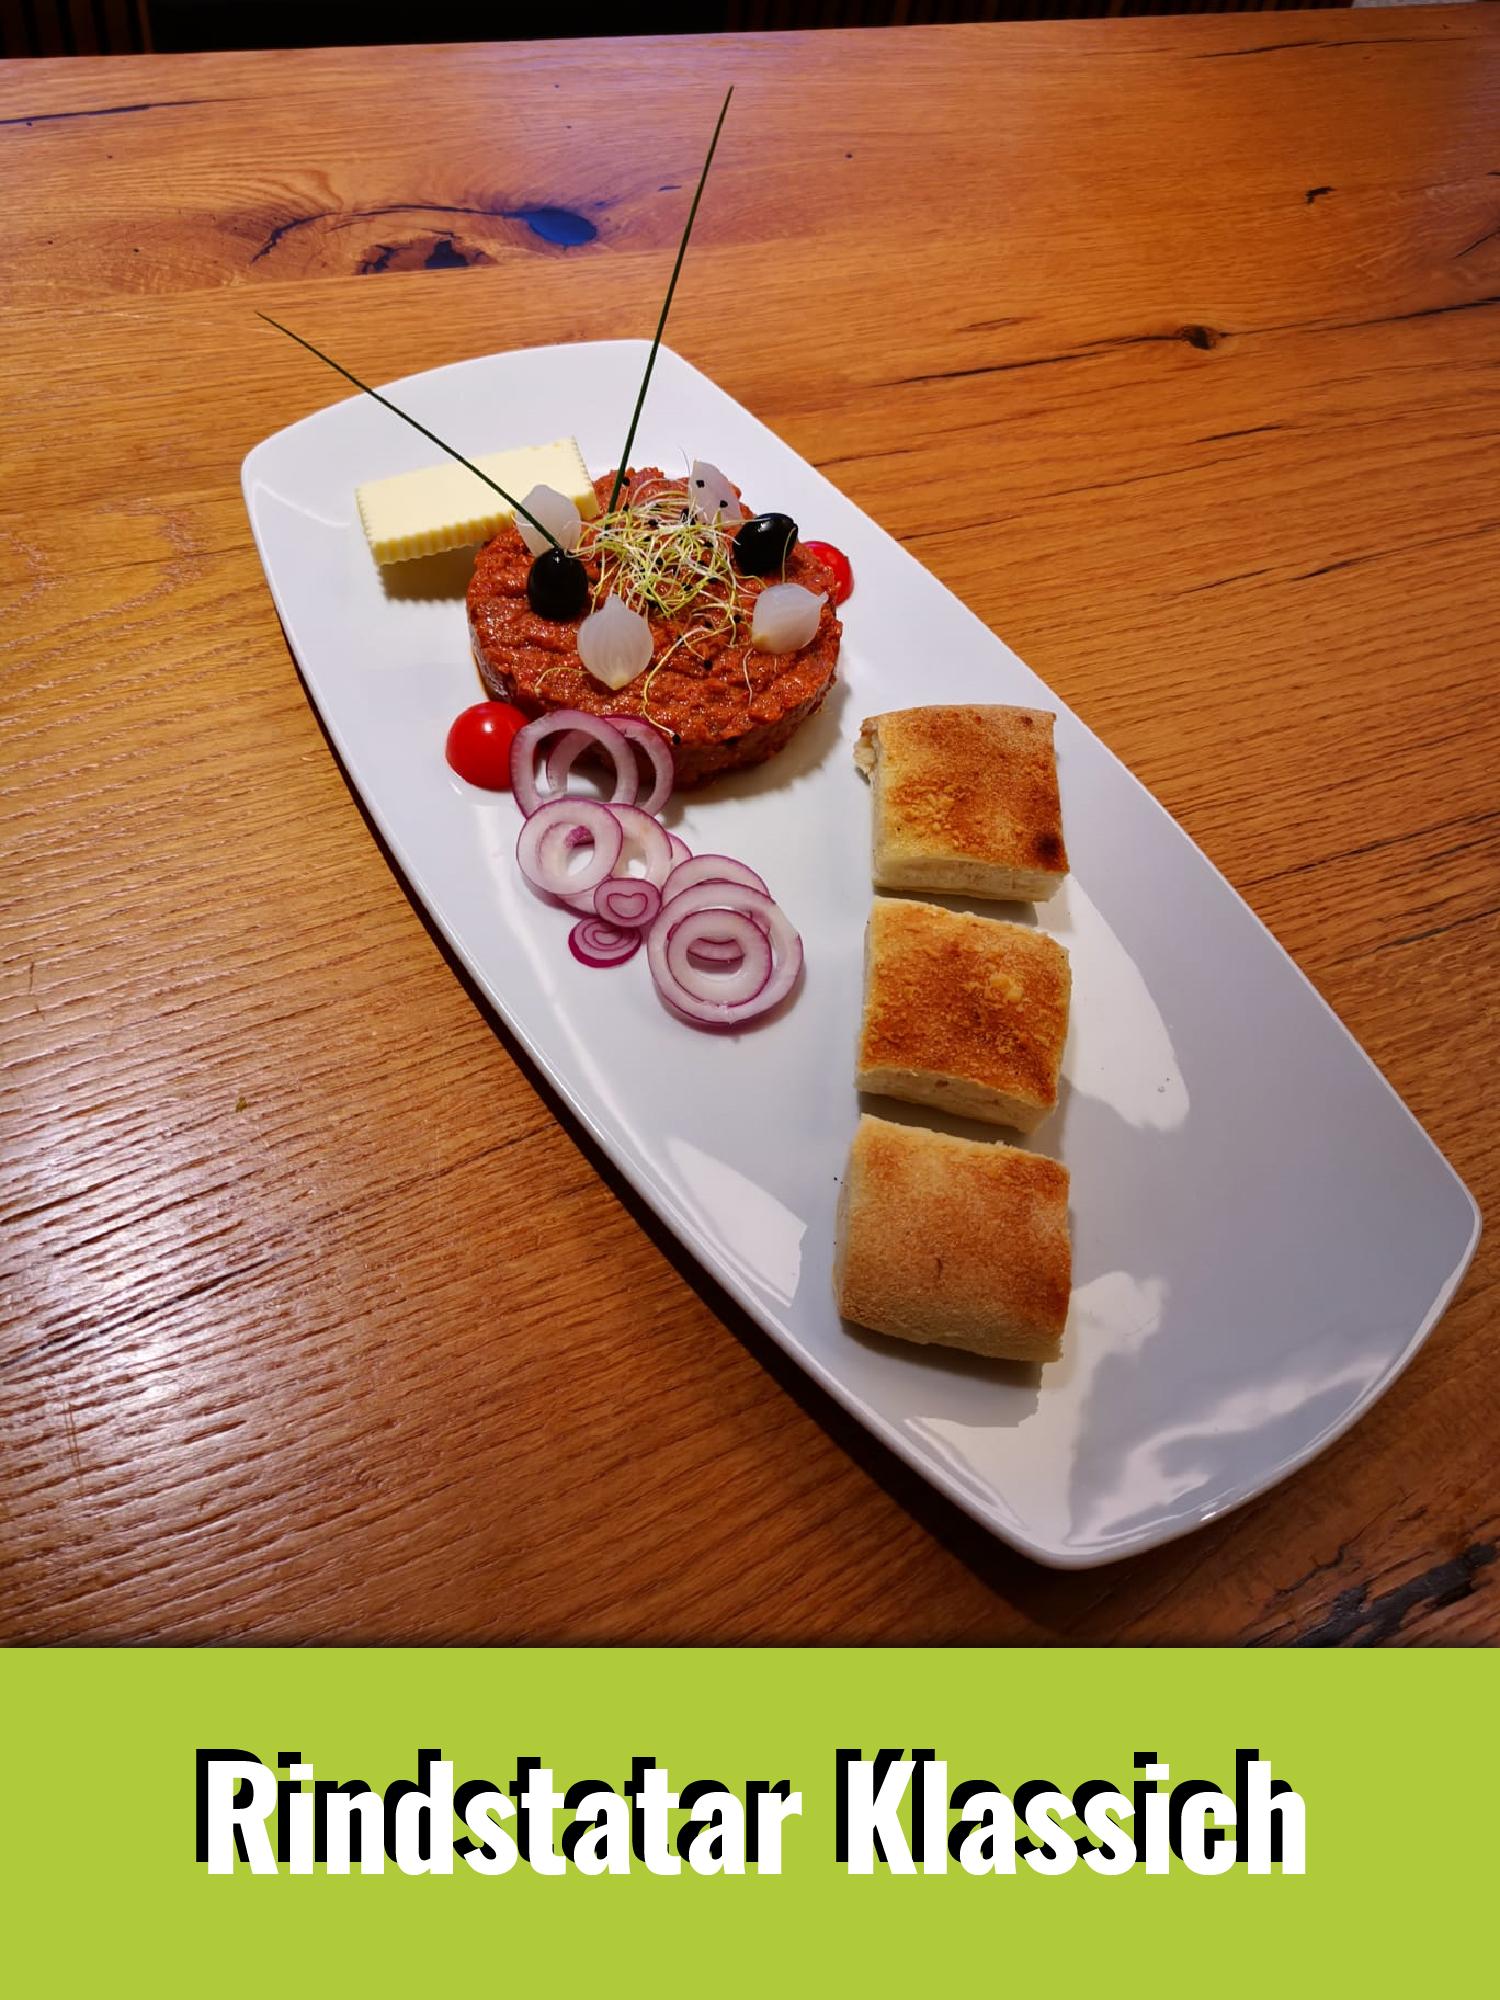 Edelweiss-Pizzeria-Restaurant-Rindstatar-klassich